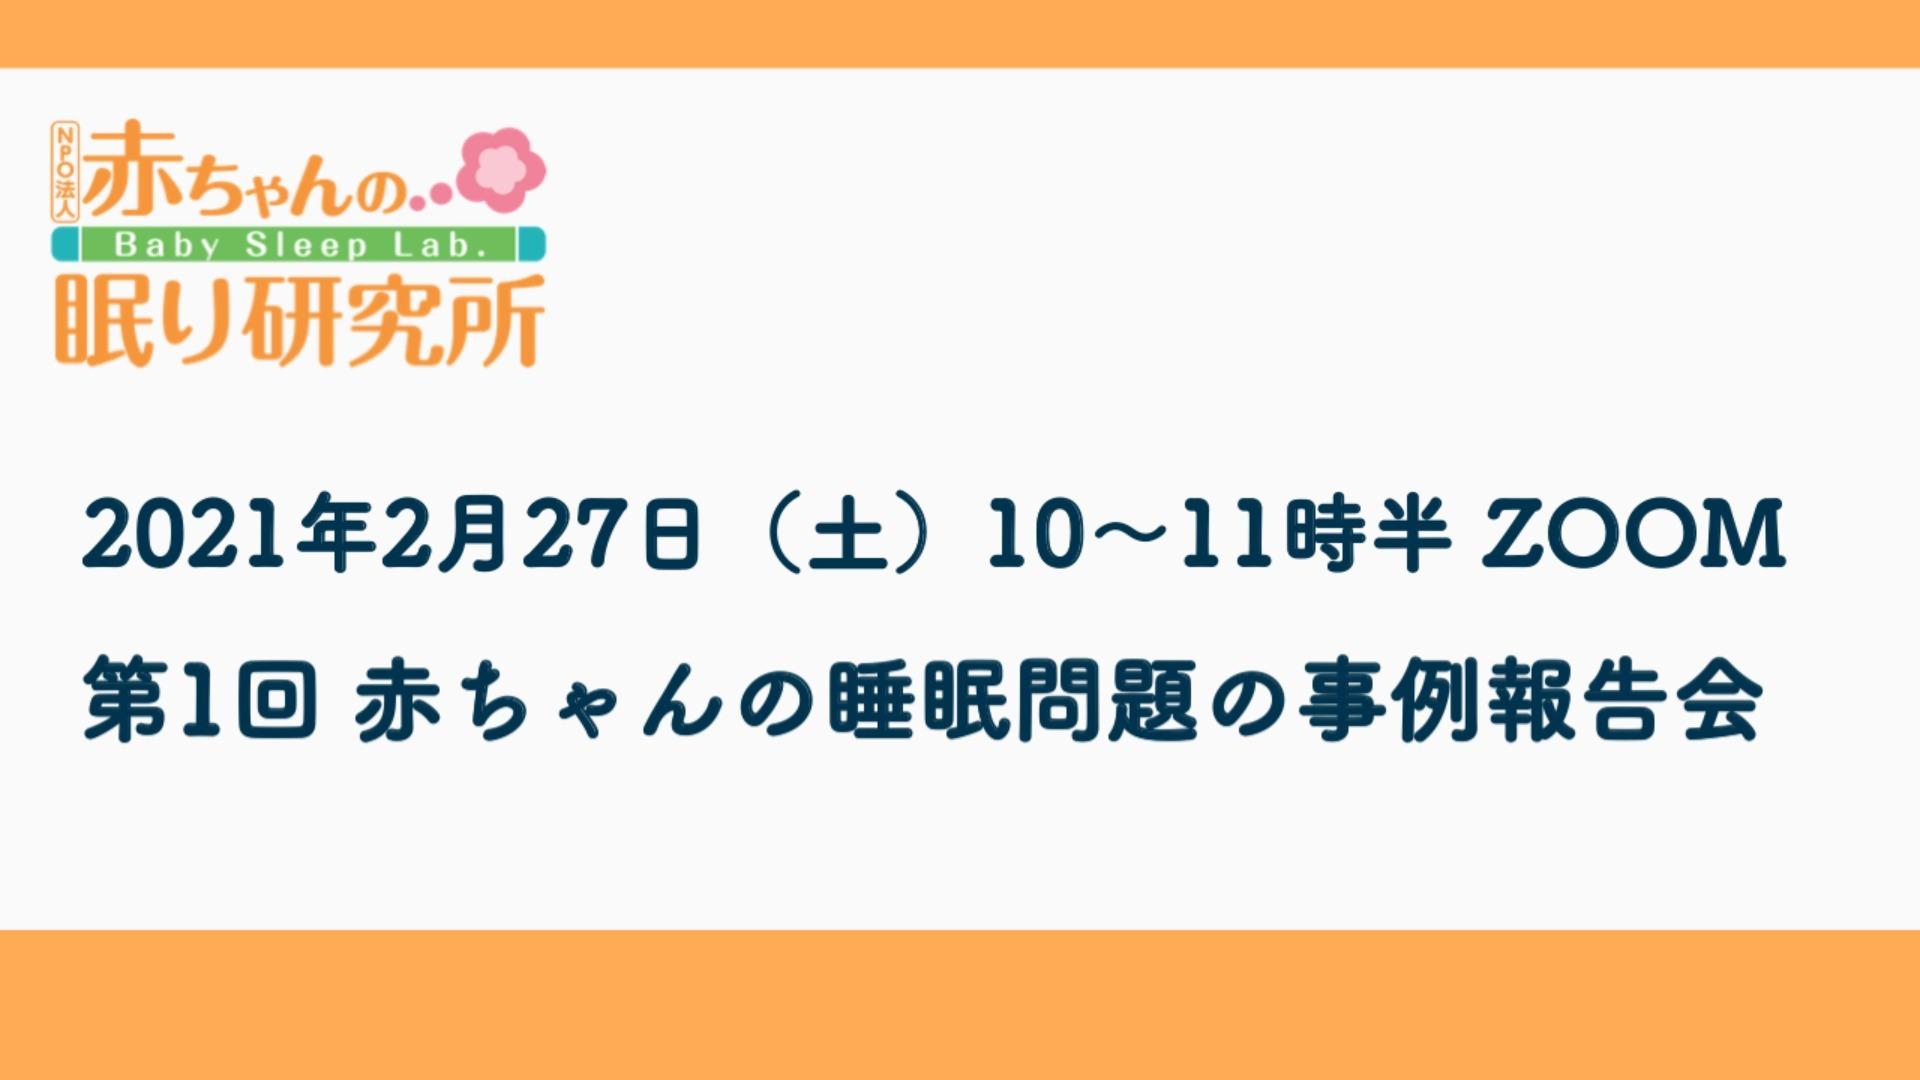 【終了しました】2/27(土)第1回 赤ちゃんの睡眠問題の事例報告会